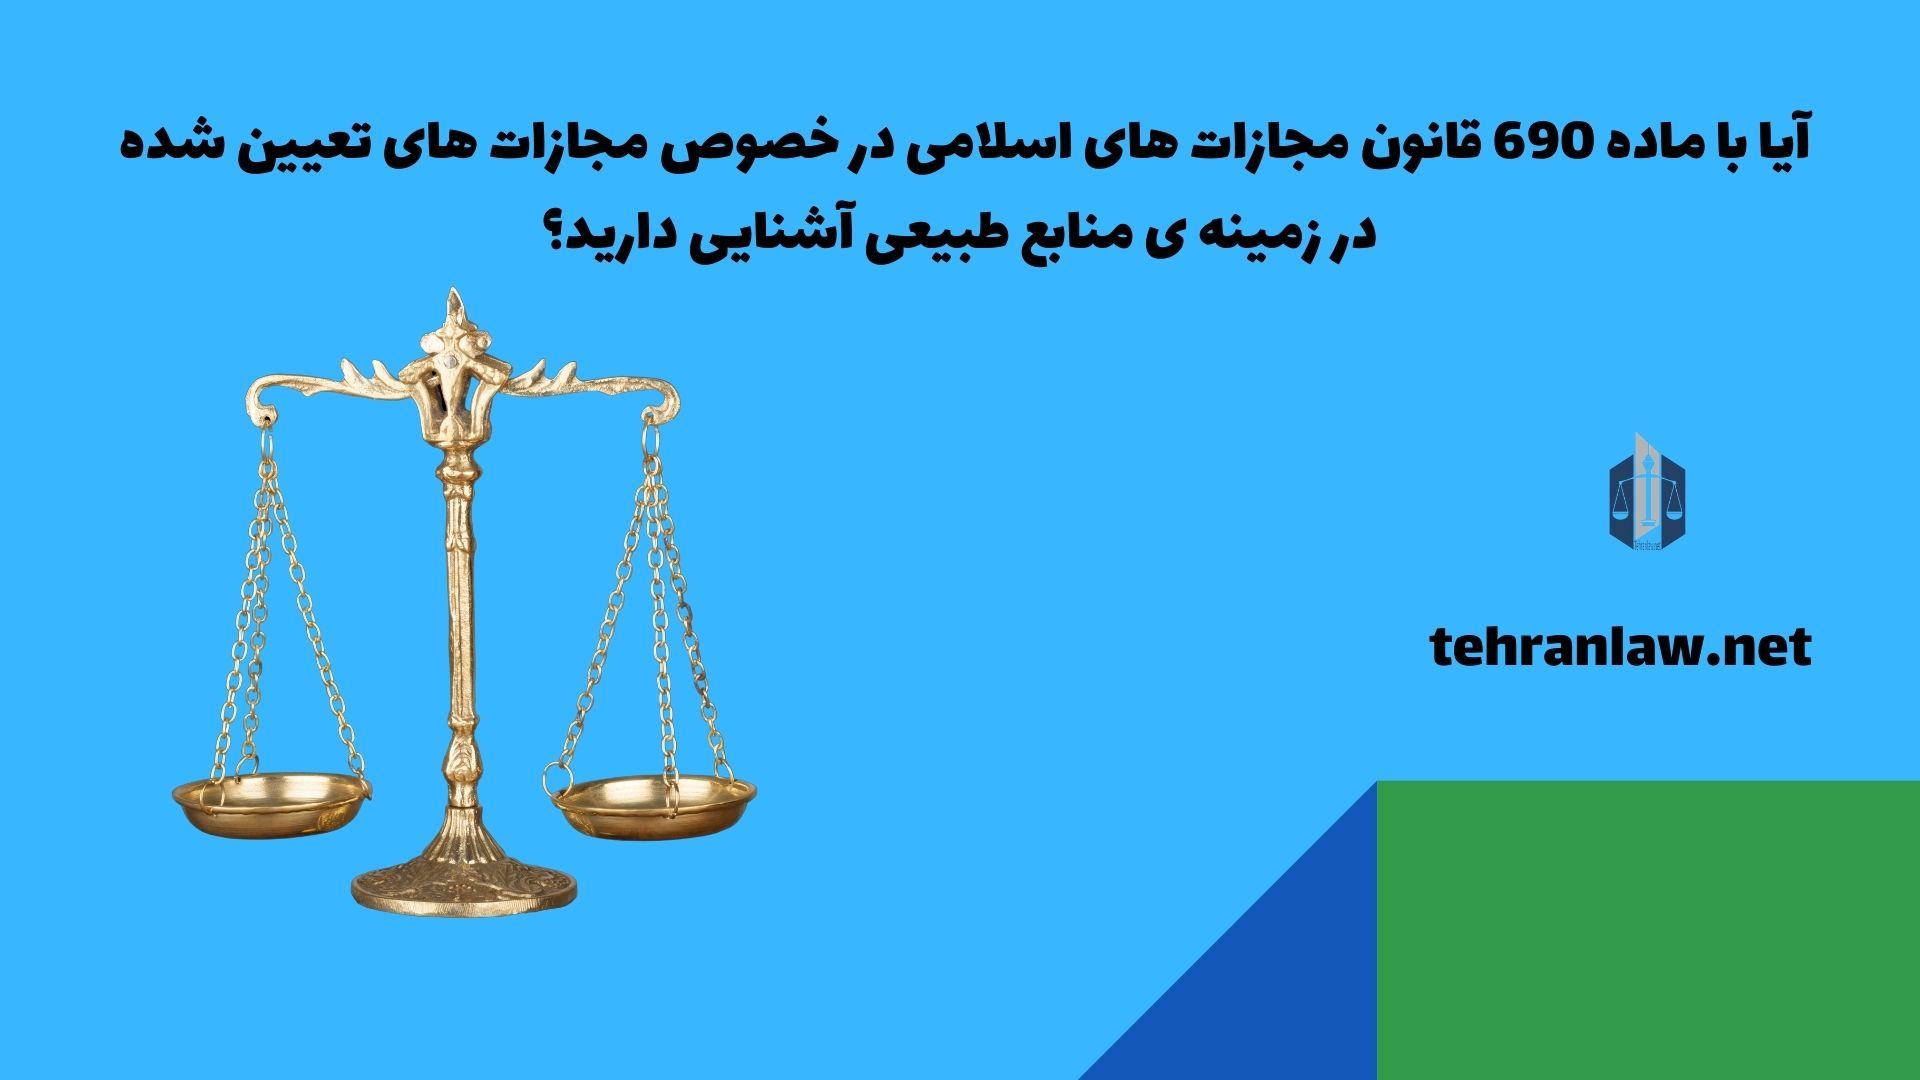 آیا با ماده 690 قانون مجازات های اسلامی در خصوص مجازات های تعیین شده در زمینه ی منابع طبیعی آشنایی دارید؟